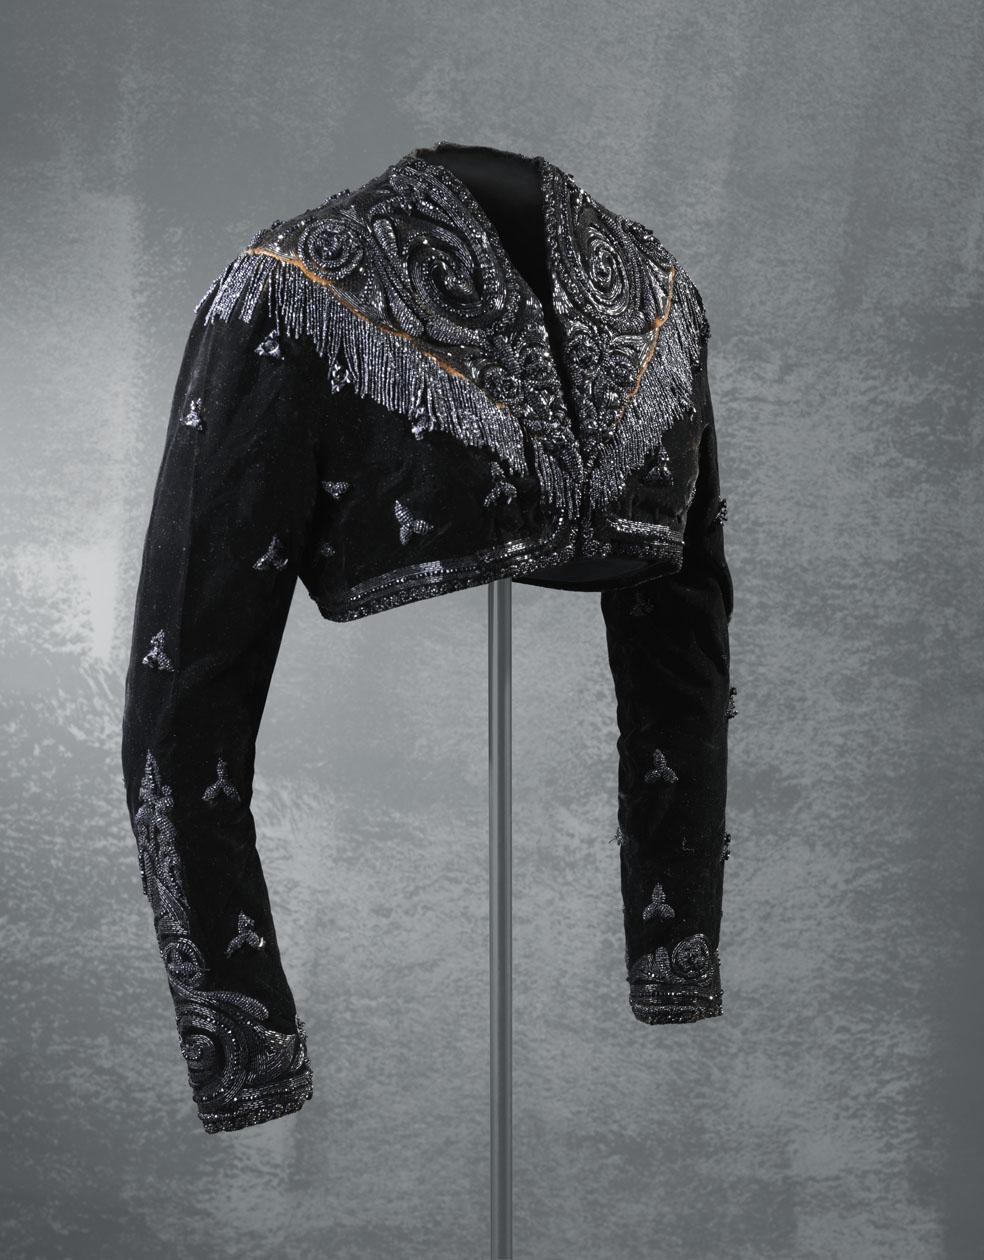 Chaqueta en terciopelo liso de color negro, guarnecida con una aplicación de mostacillas de azabache que dibujan motivos vegetales y flecos